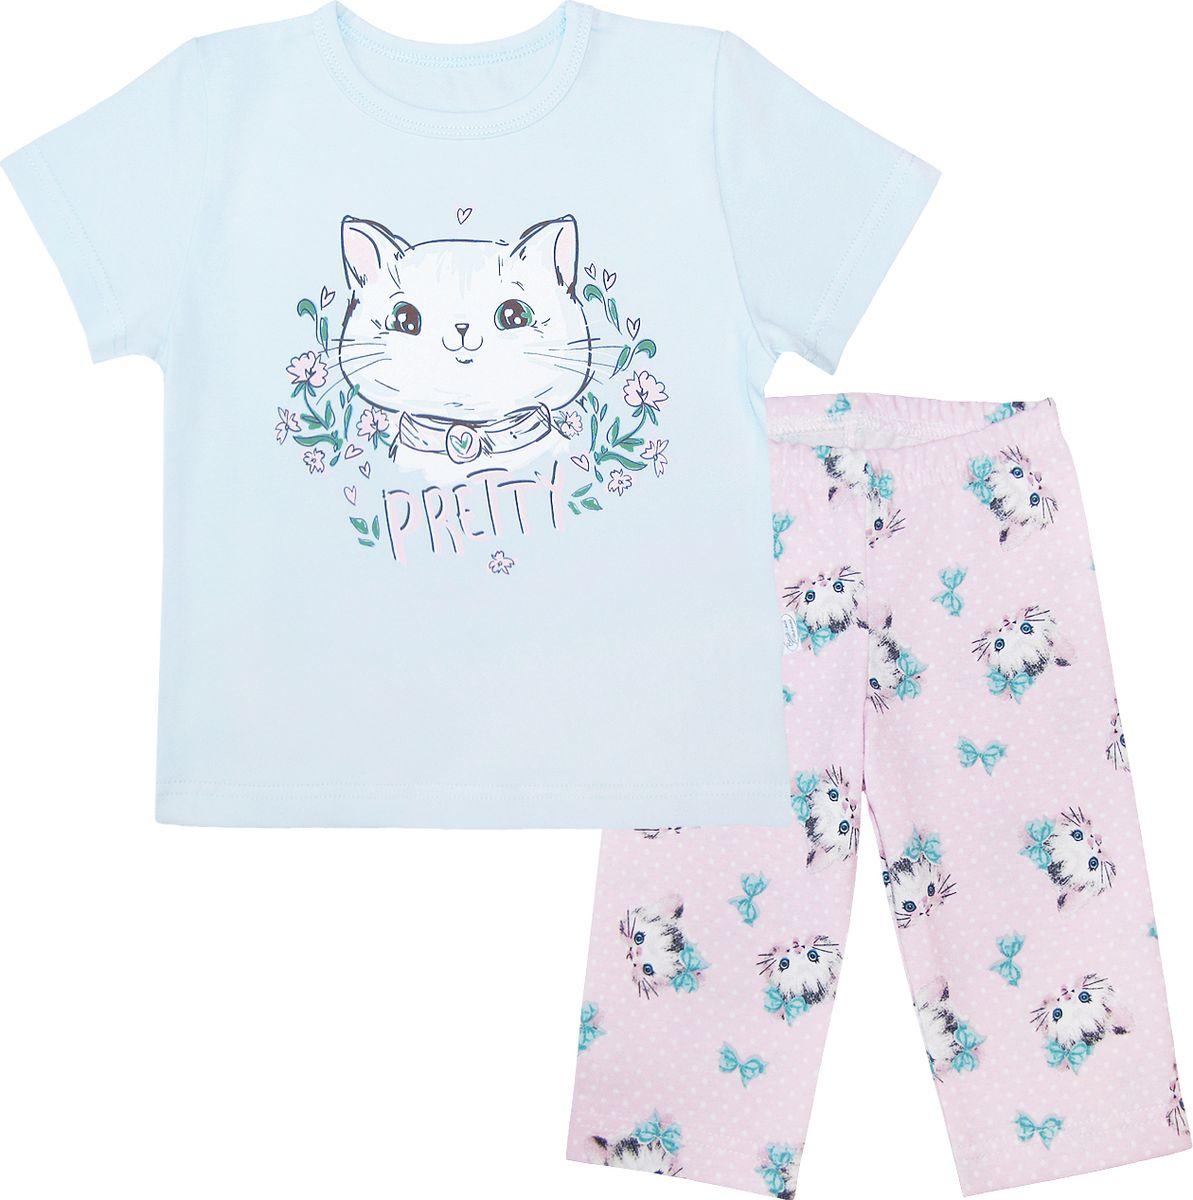 Пижама для девочки Веселый малыш, цвет: голубой, розовый. 238170-O (1)_милый котик. Размер 140 пижама для девочки веселый малыш цвет розовый 9215 m 1 размер 128